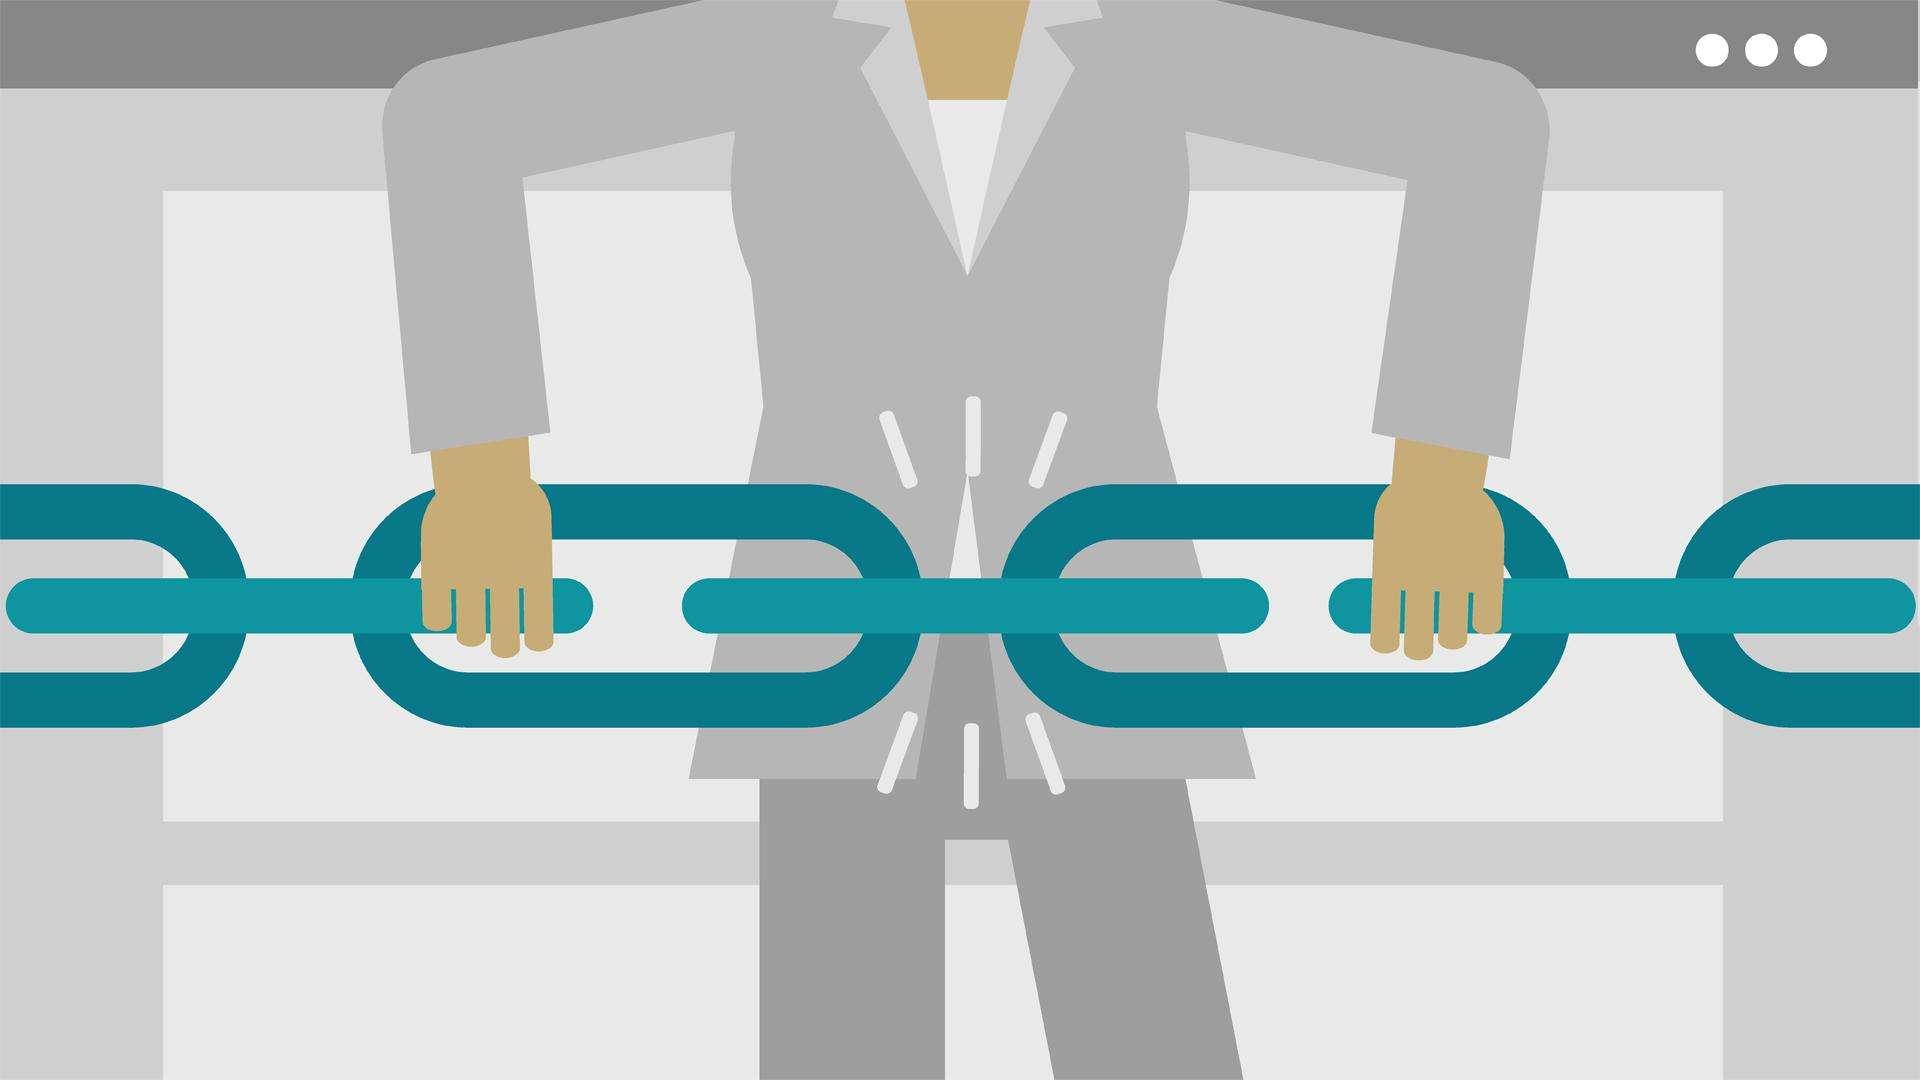 Отхвърлянето на връзки може да помогне на Google да се довери на други връзки към сайта